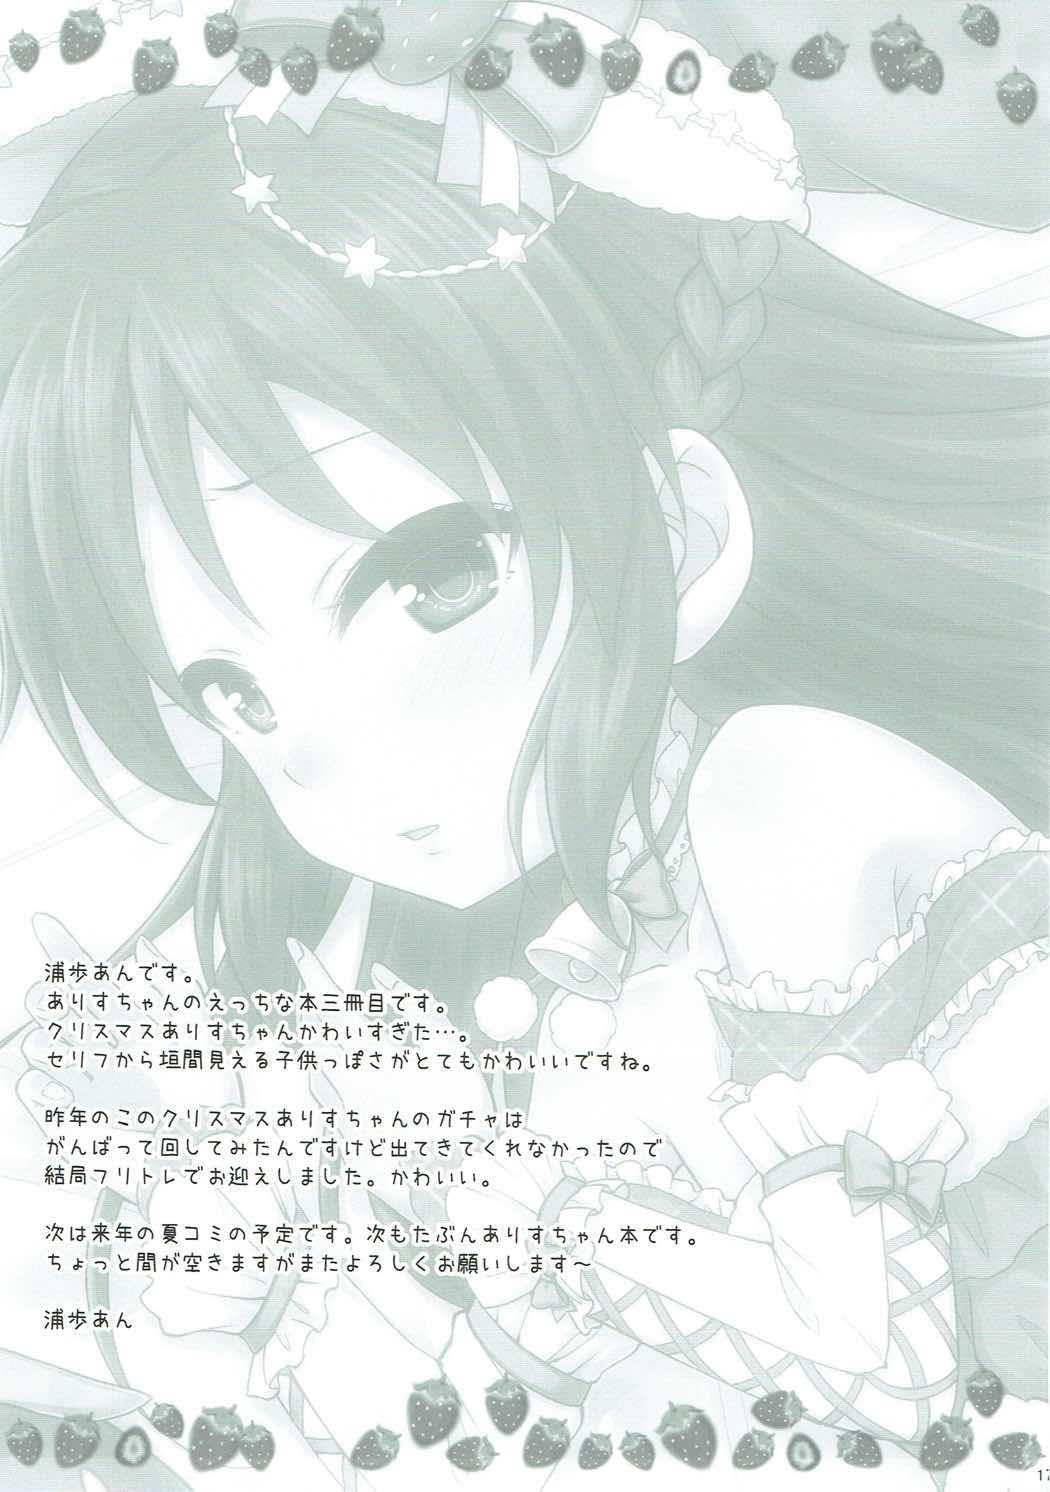 Arisu no Seiya no Negaigoto 15